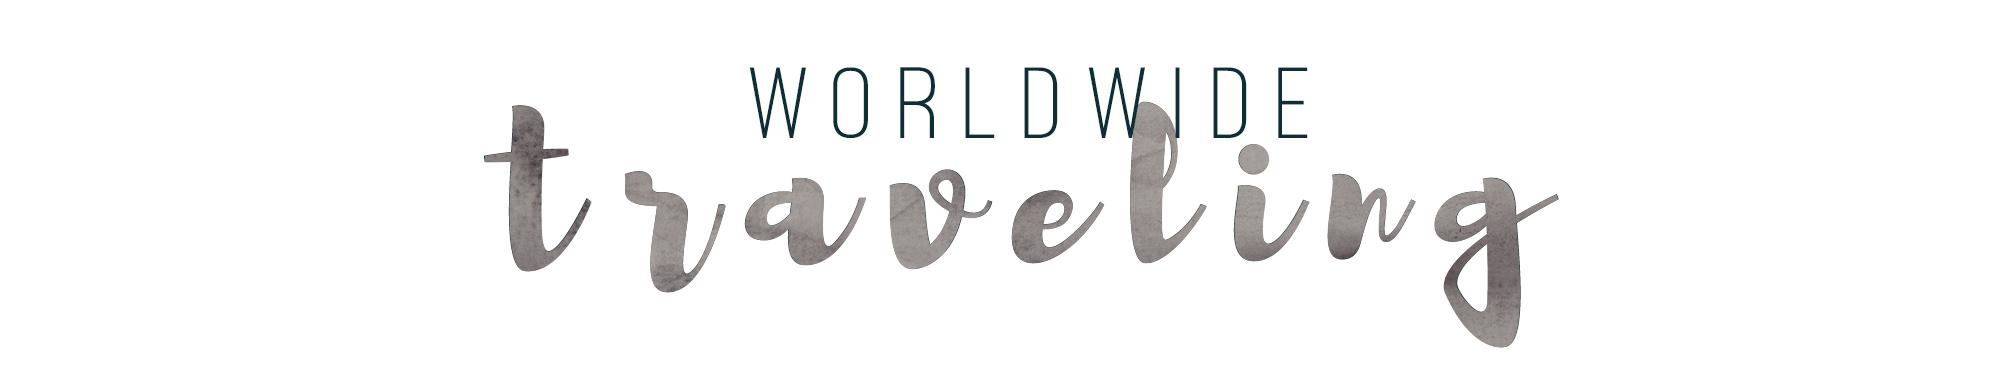 worldwidetraveling